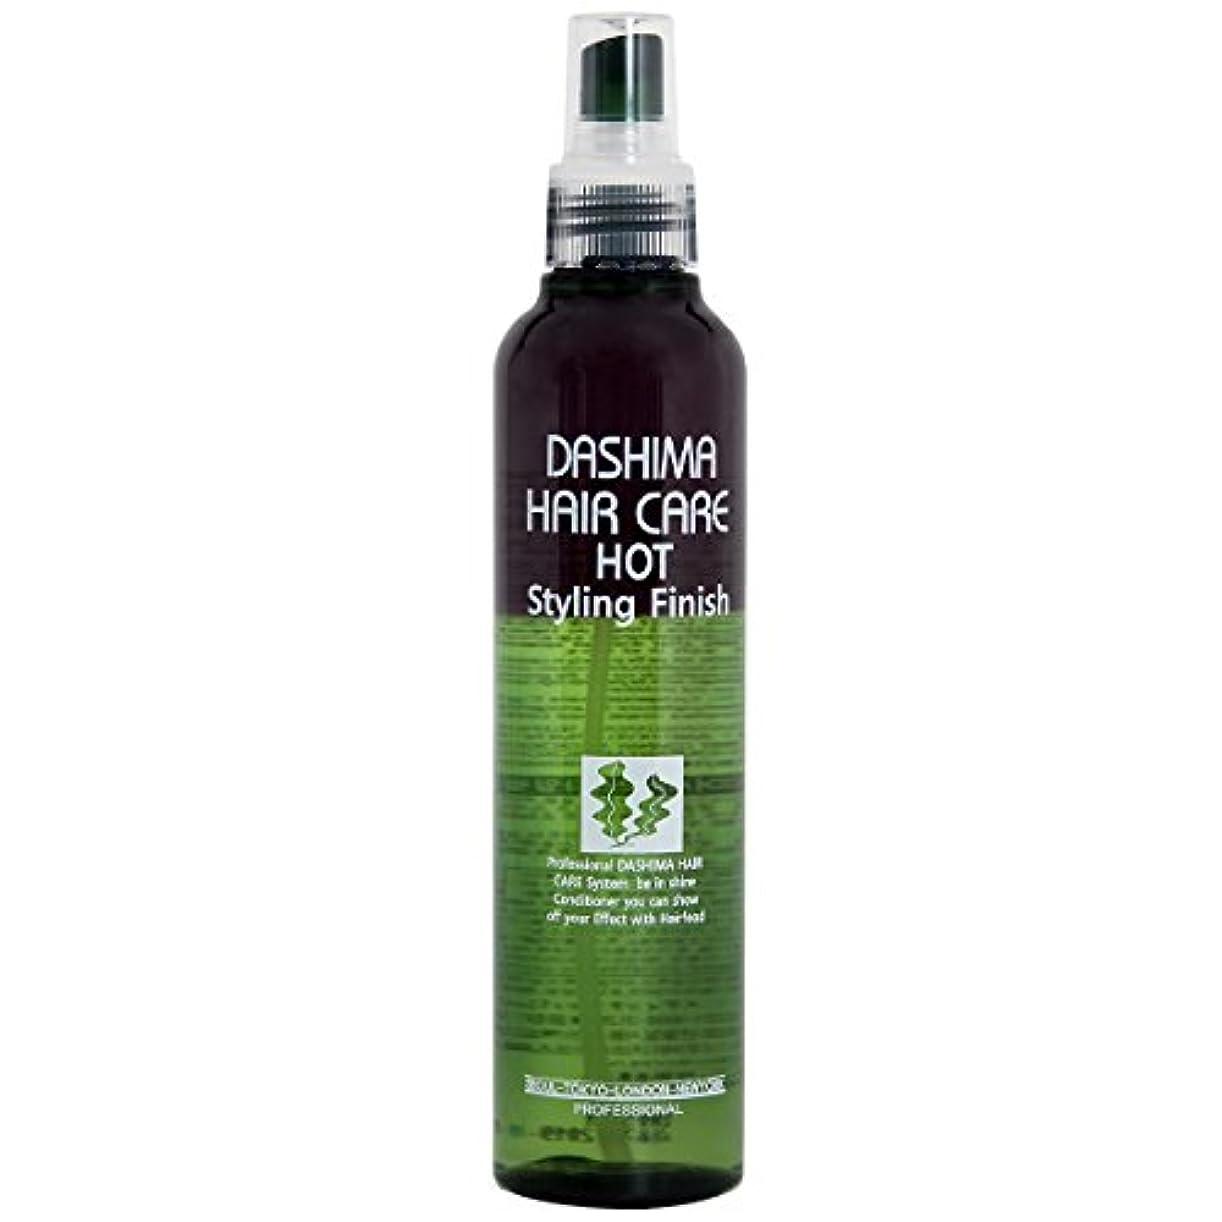 スクリーチメリー免除するダシマヘアケアハッスタイルリングピニスィ250ml(DASHIMA HAIR CARE Hot Styling Finish 250ml)